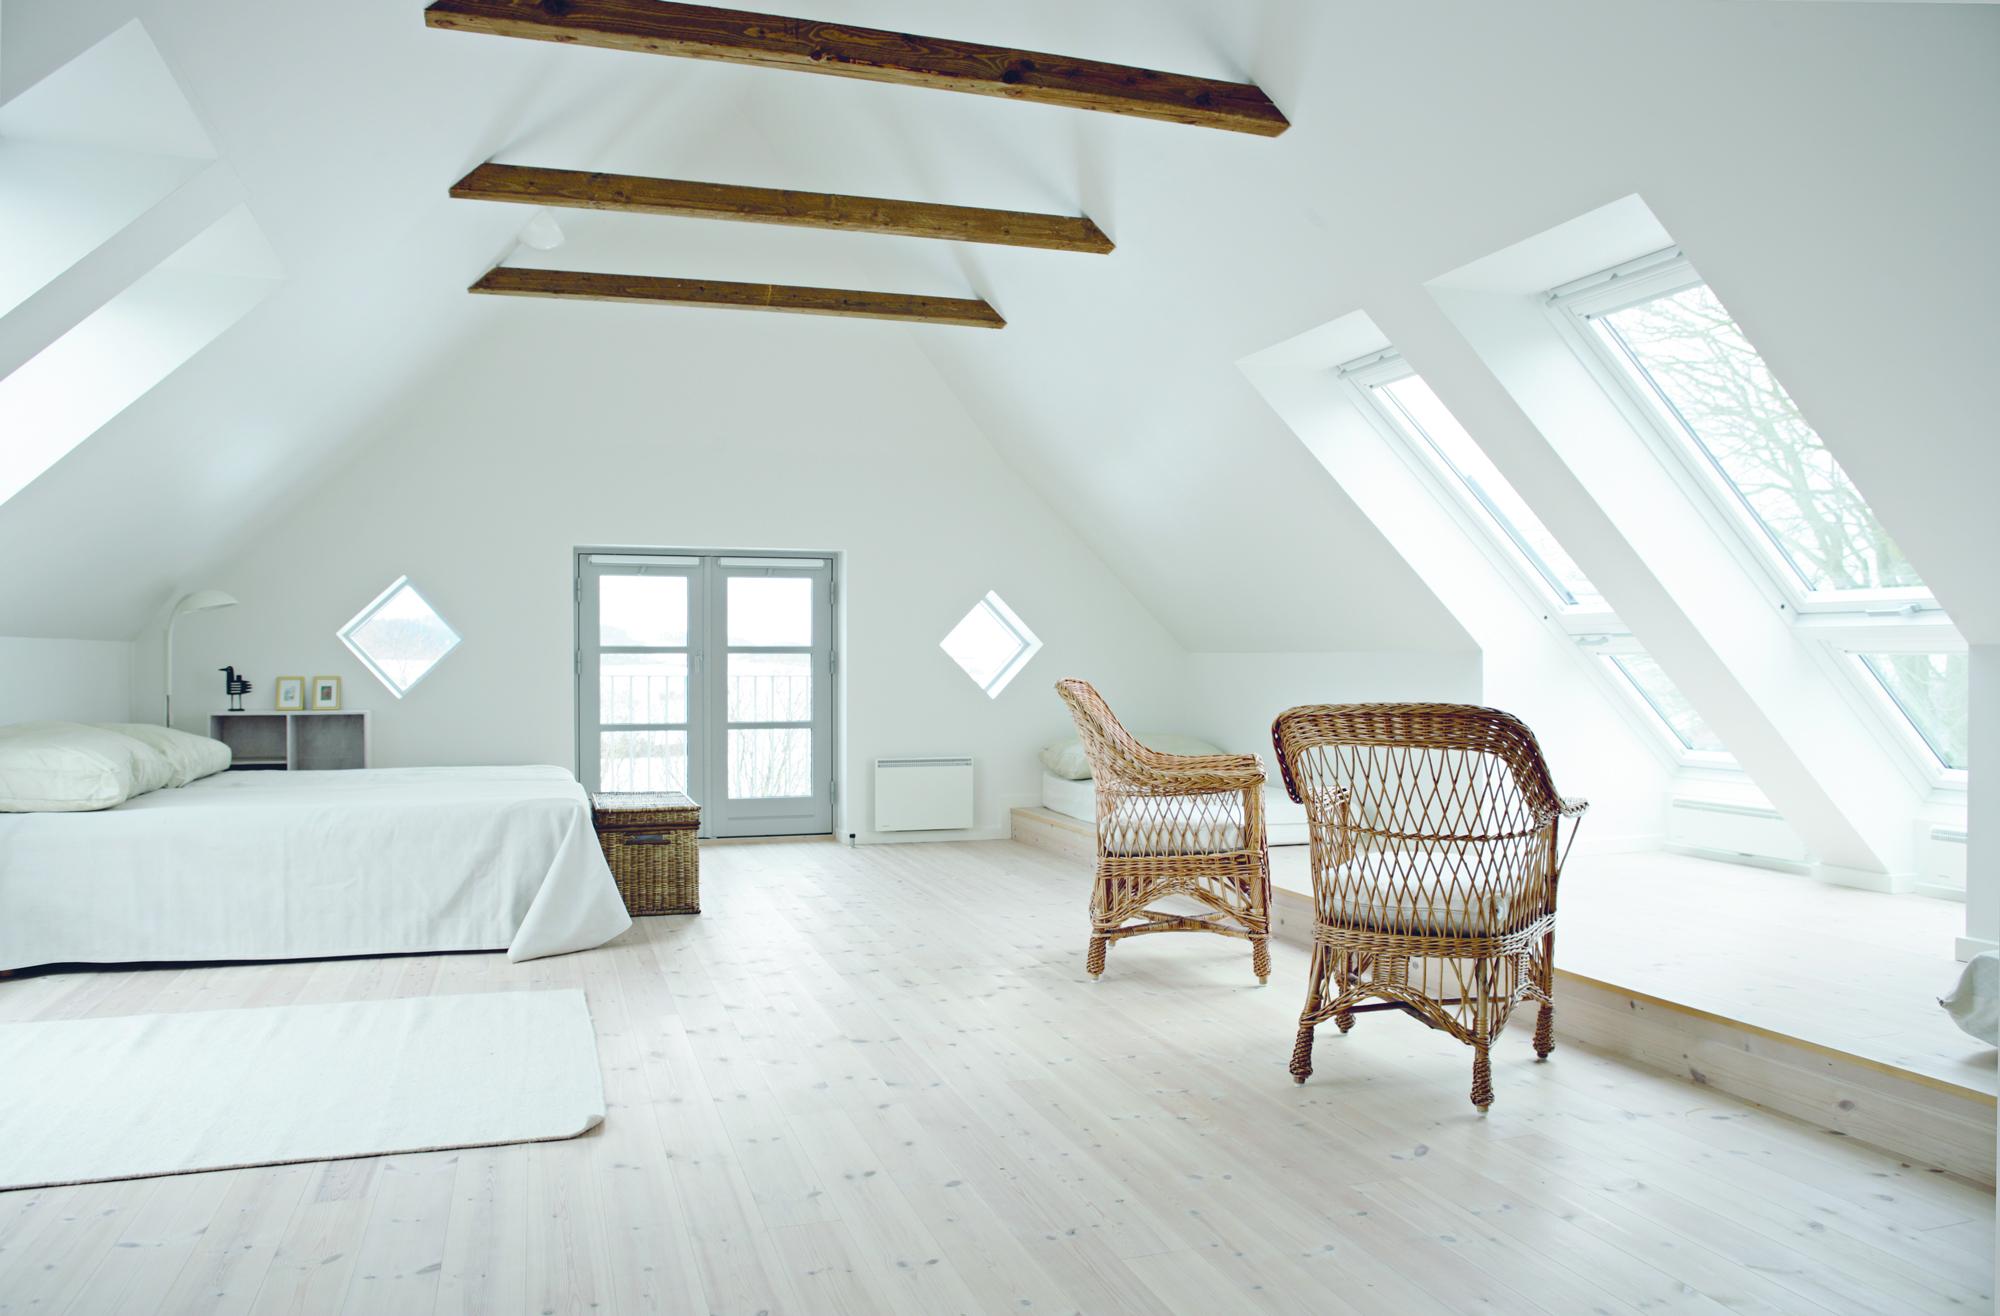 come scegliere una finestra per tetti